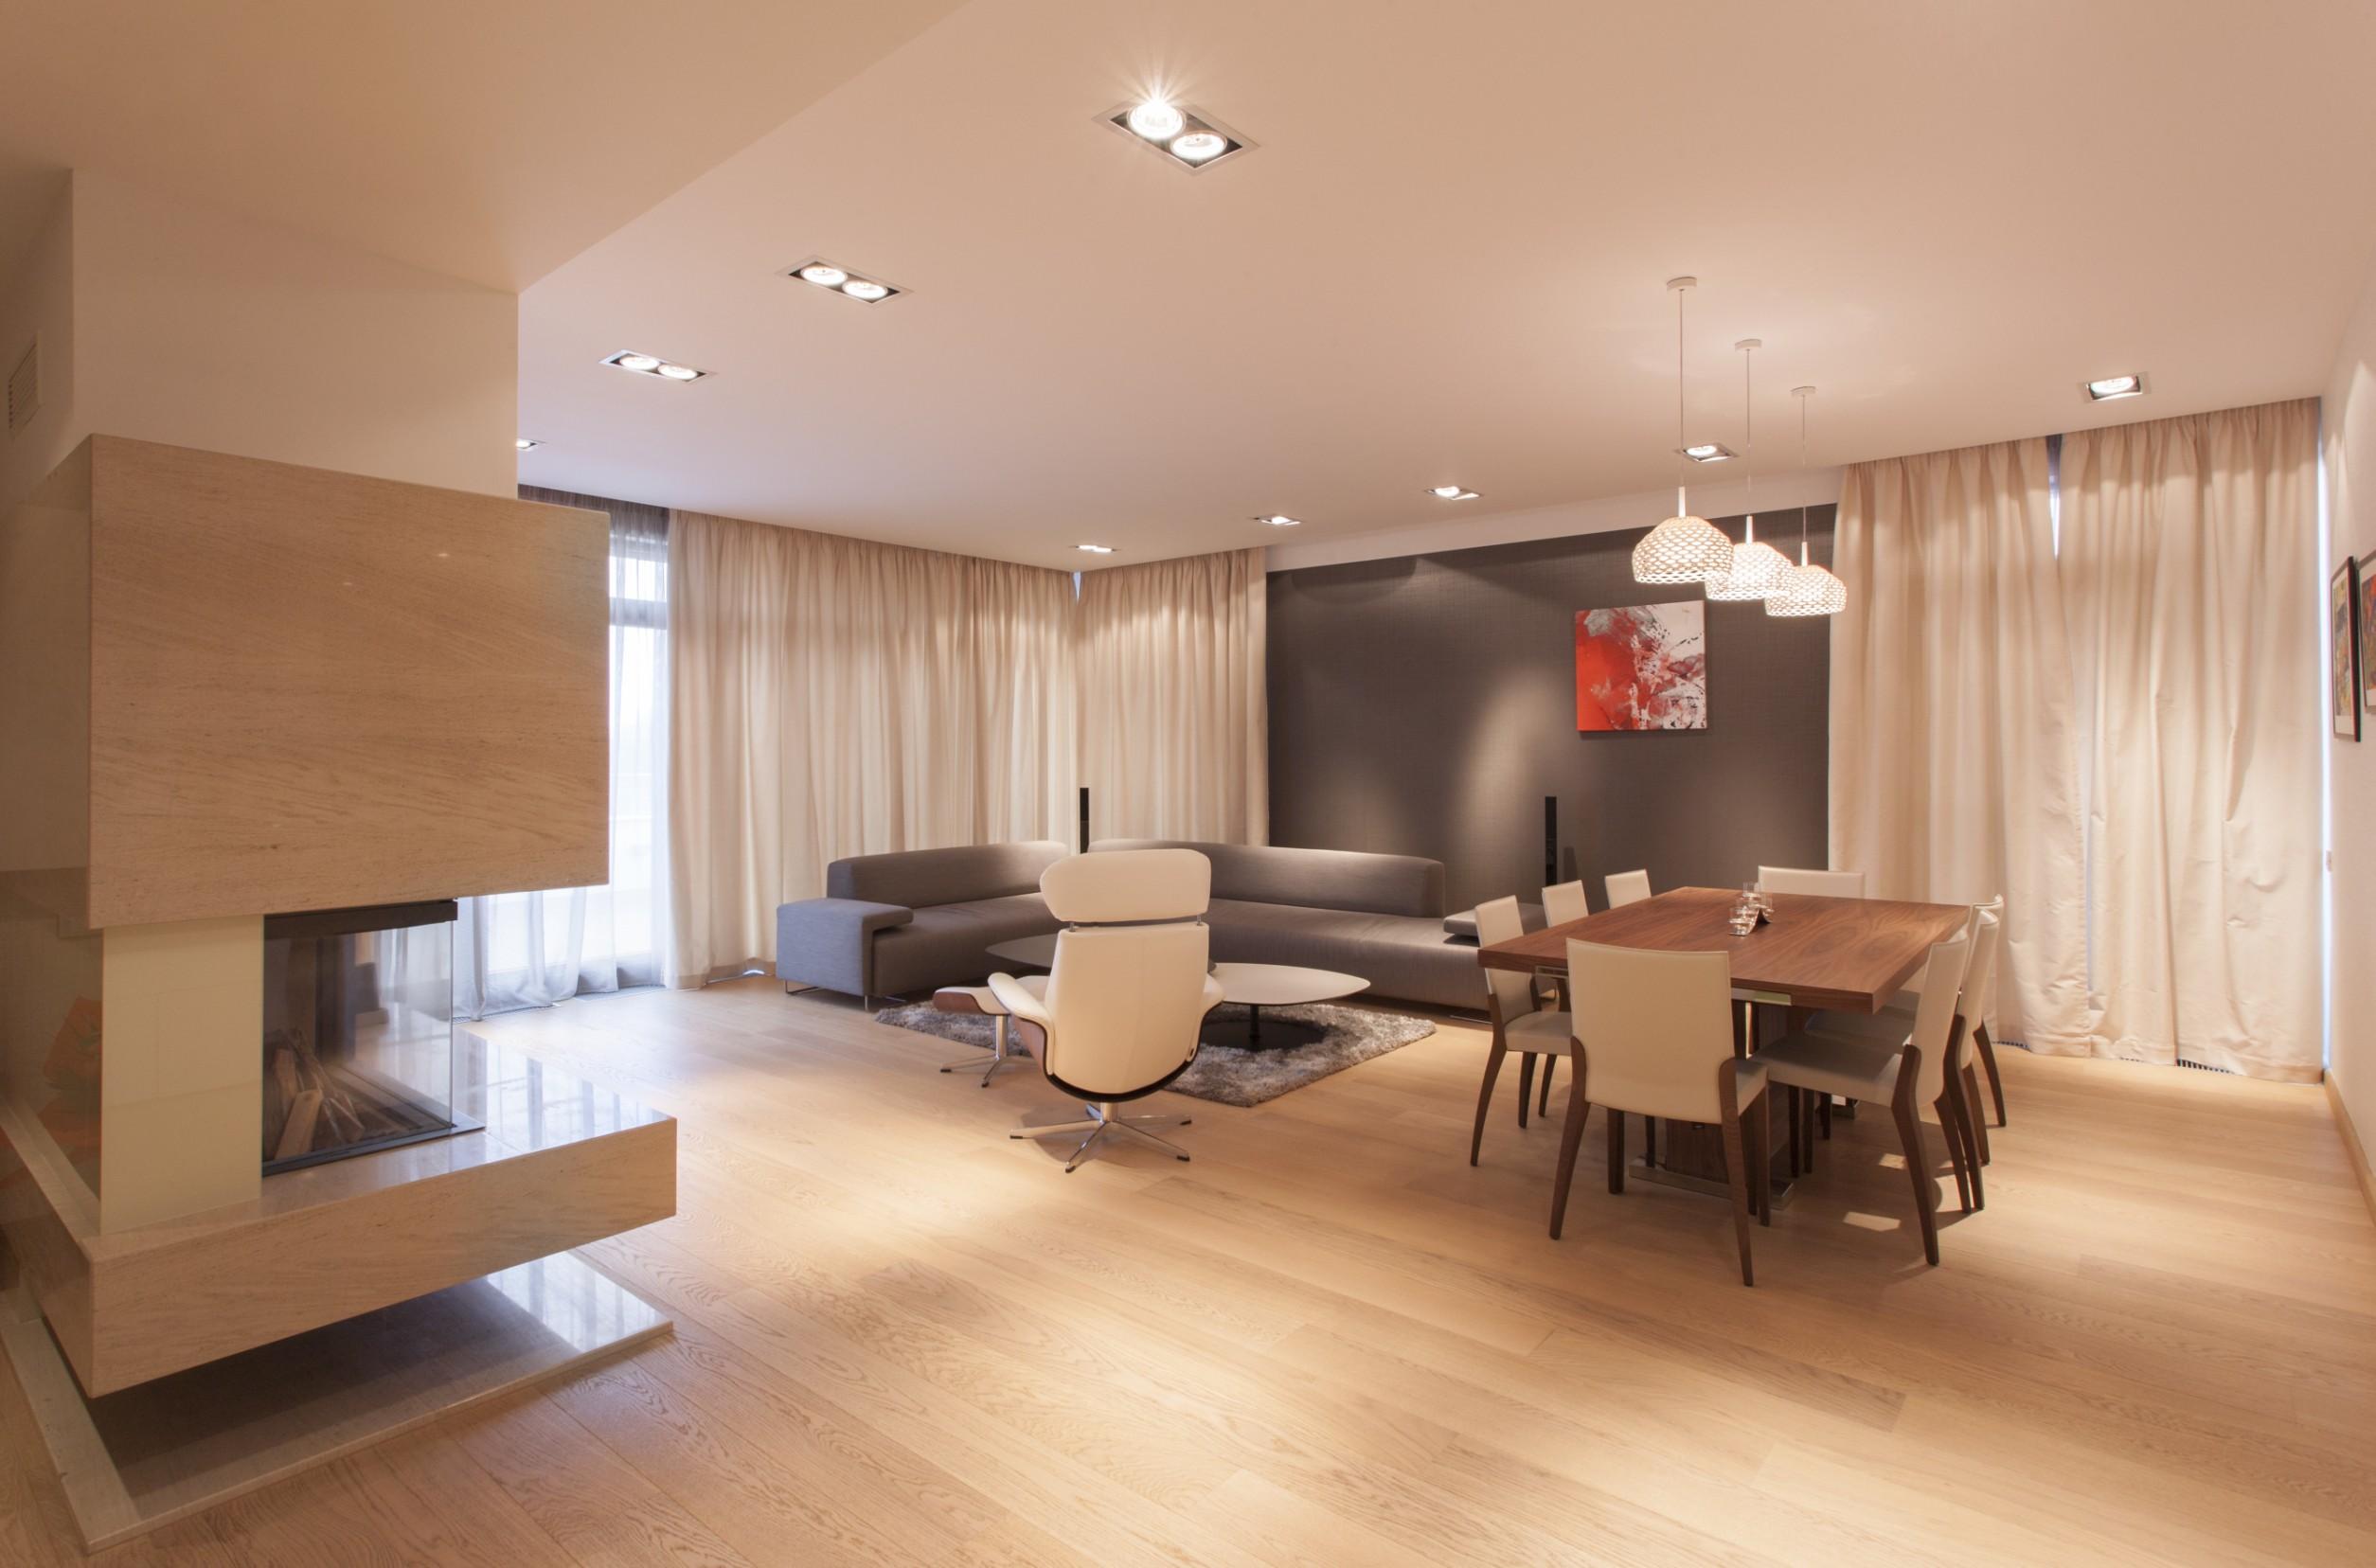 https://nbc-arhitect.ro/wp-content/uploads/2020/11/NBC-Arhitect-_-interior-design-_-Petofi-Sandor-_-Romania_15.jpg